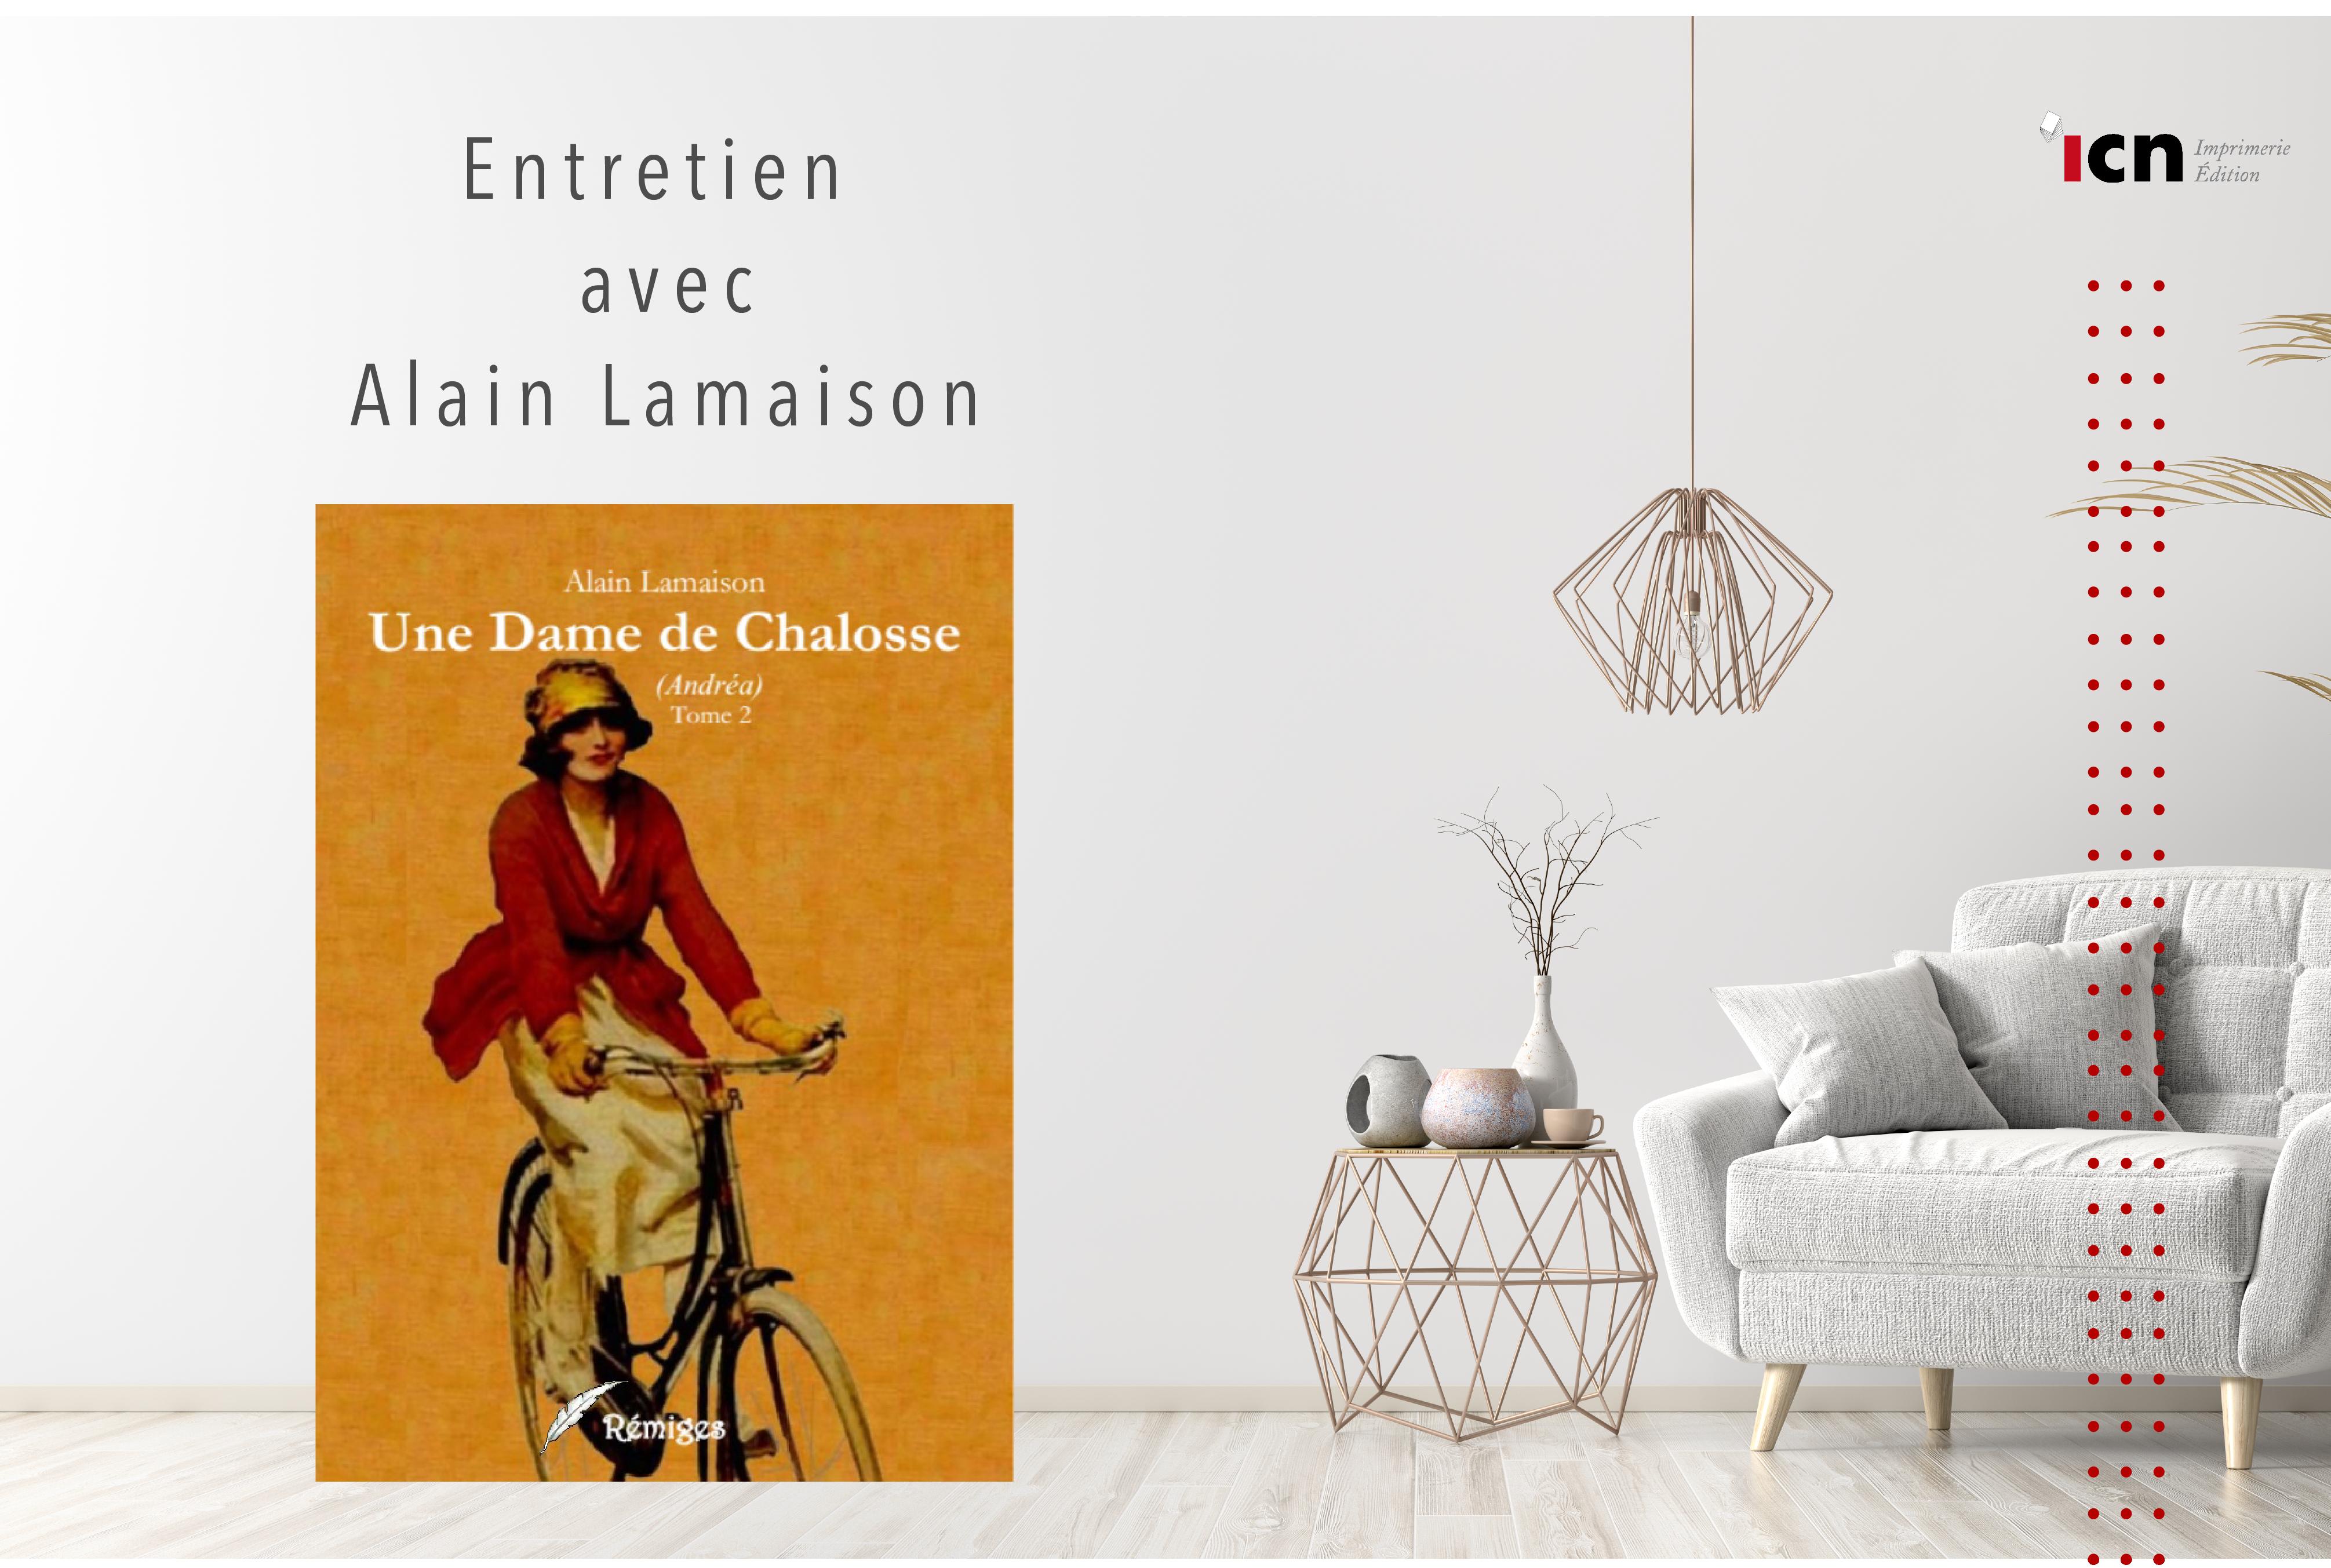 Entretien avec Alain Lamaison, auteur de «Une dame de Chalosse»